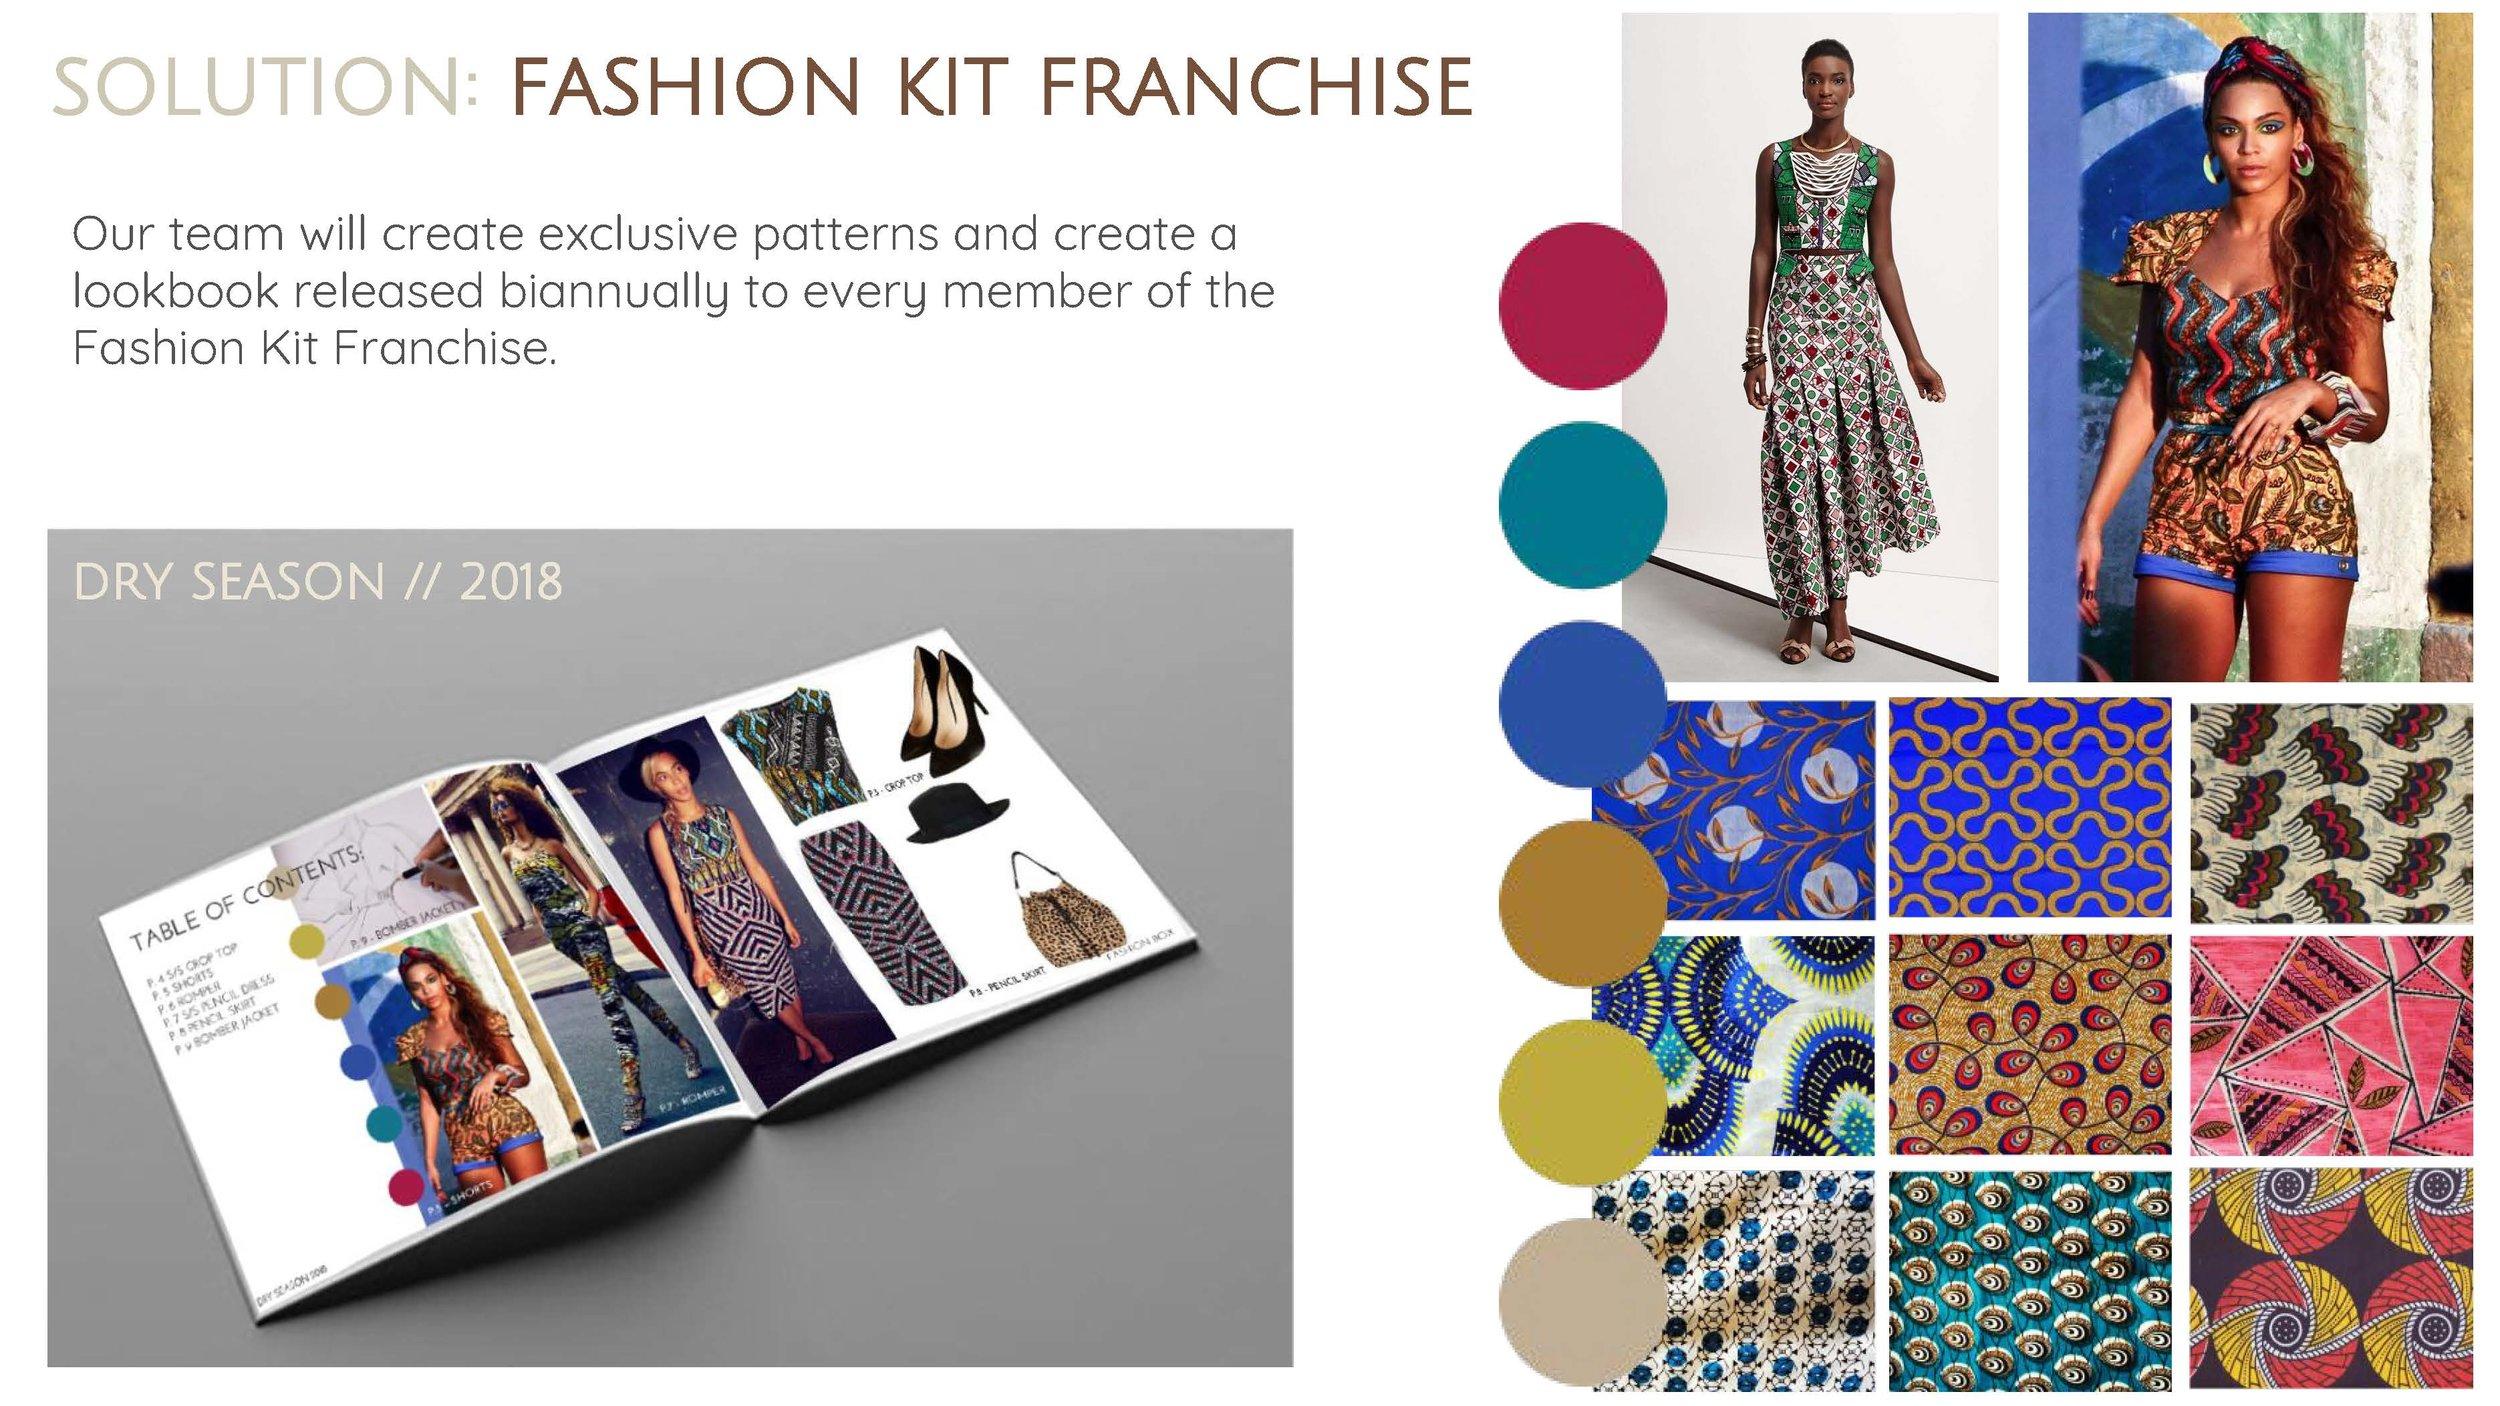 Fashion Box - Final Pitch Deck-1_Page_07.jpg